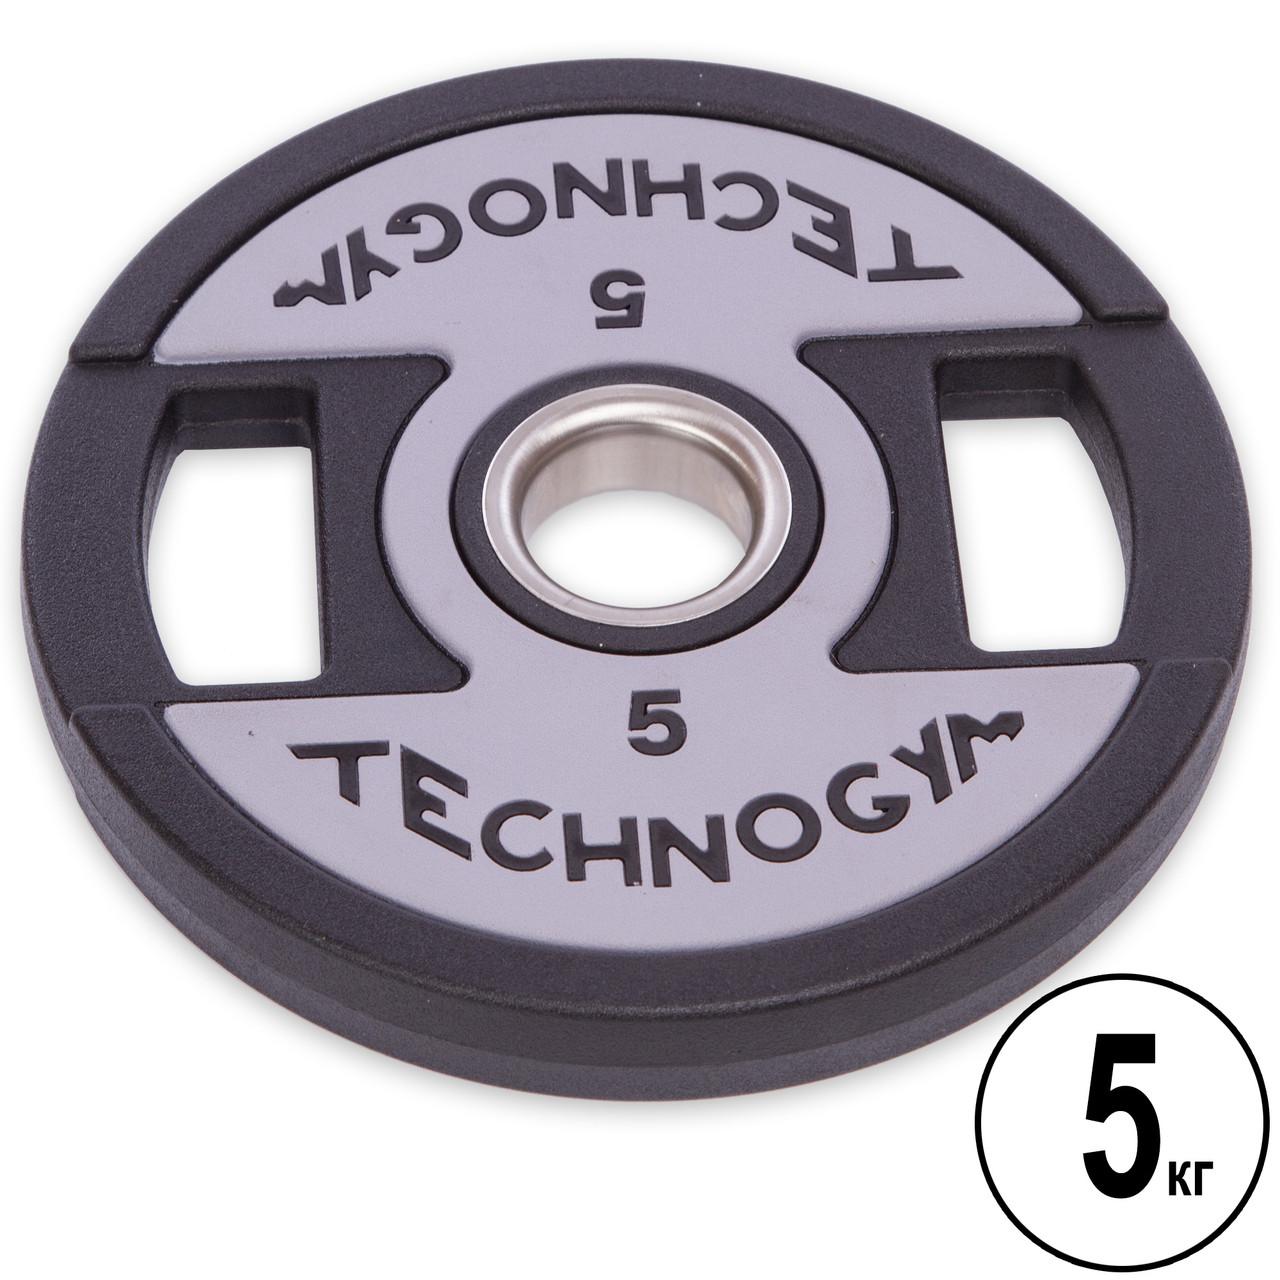 Блины (диски) полиуретановые с хватом и металлической втулкой d-51мм TECHNOGYM TG-1837-5 5кг (черный)